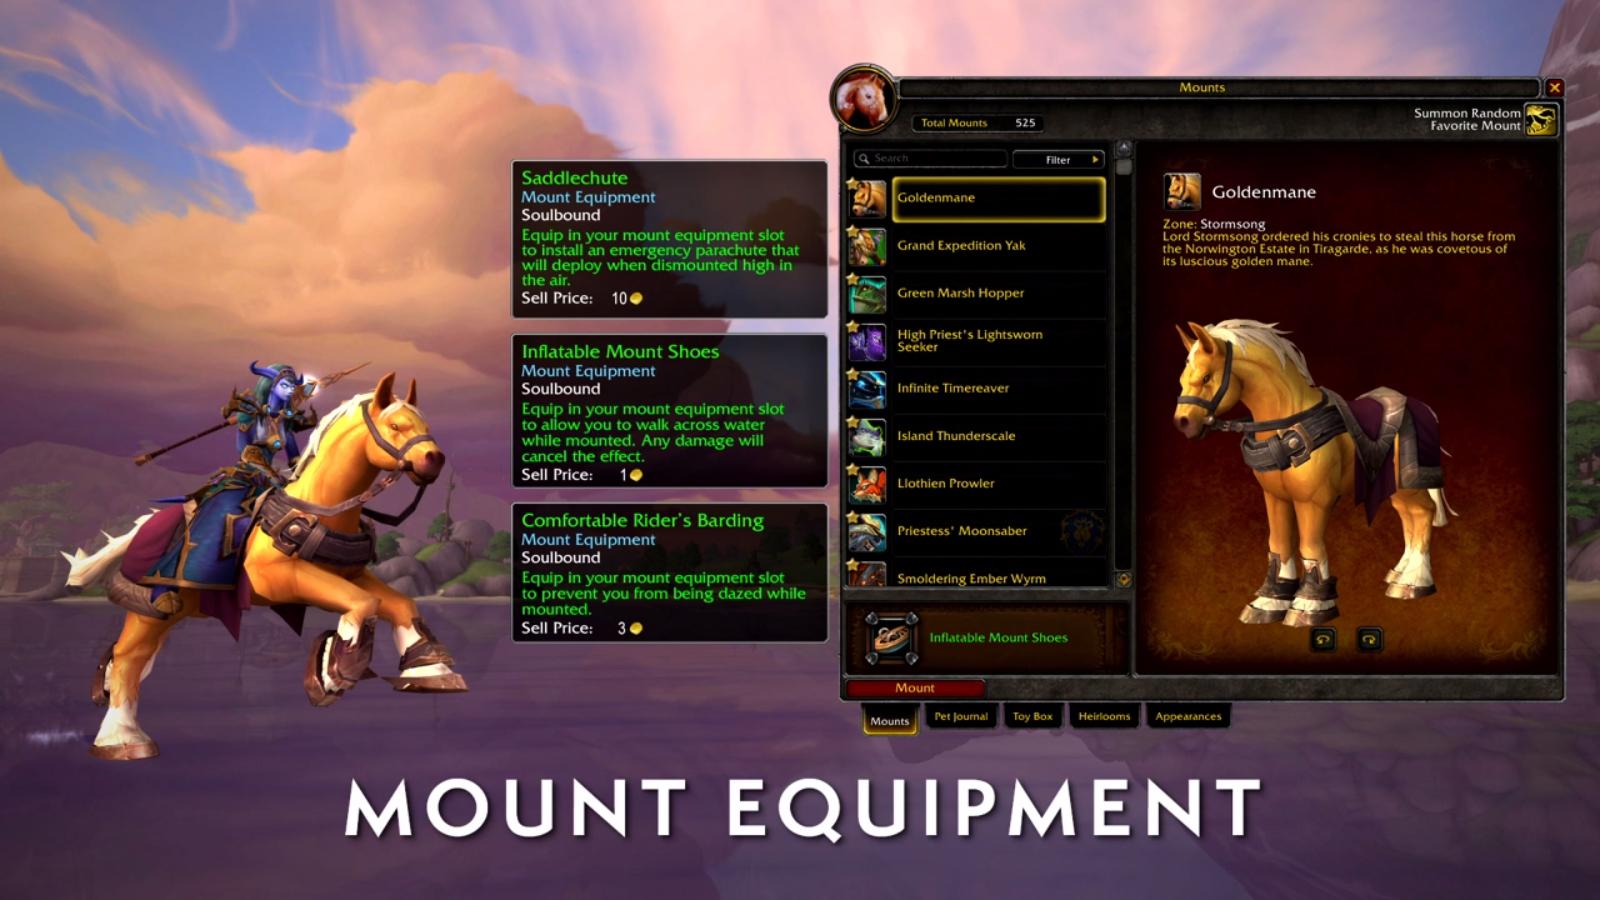 Un nouvel emplacement d'équipement permet de conférer un bonus à toutes vos montures au patch 8.2